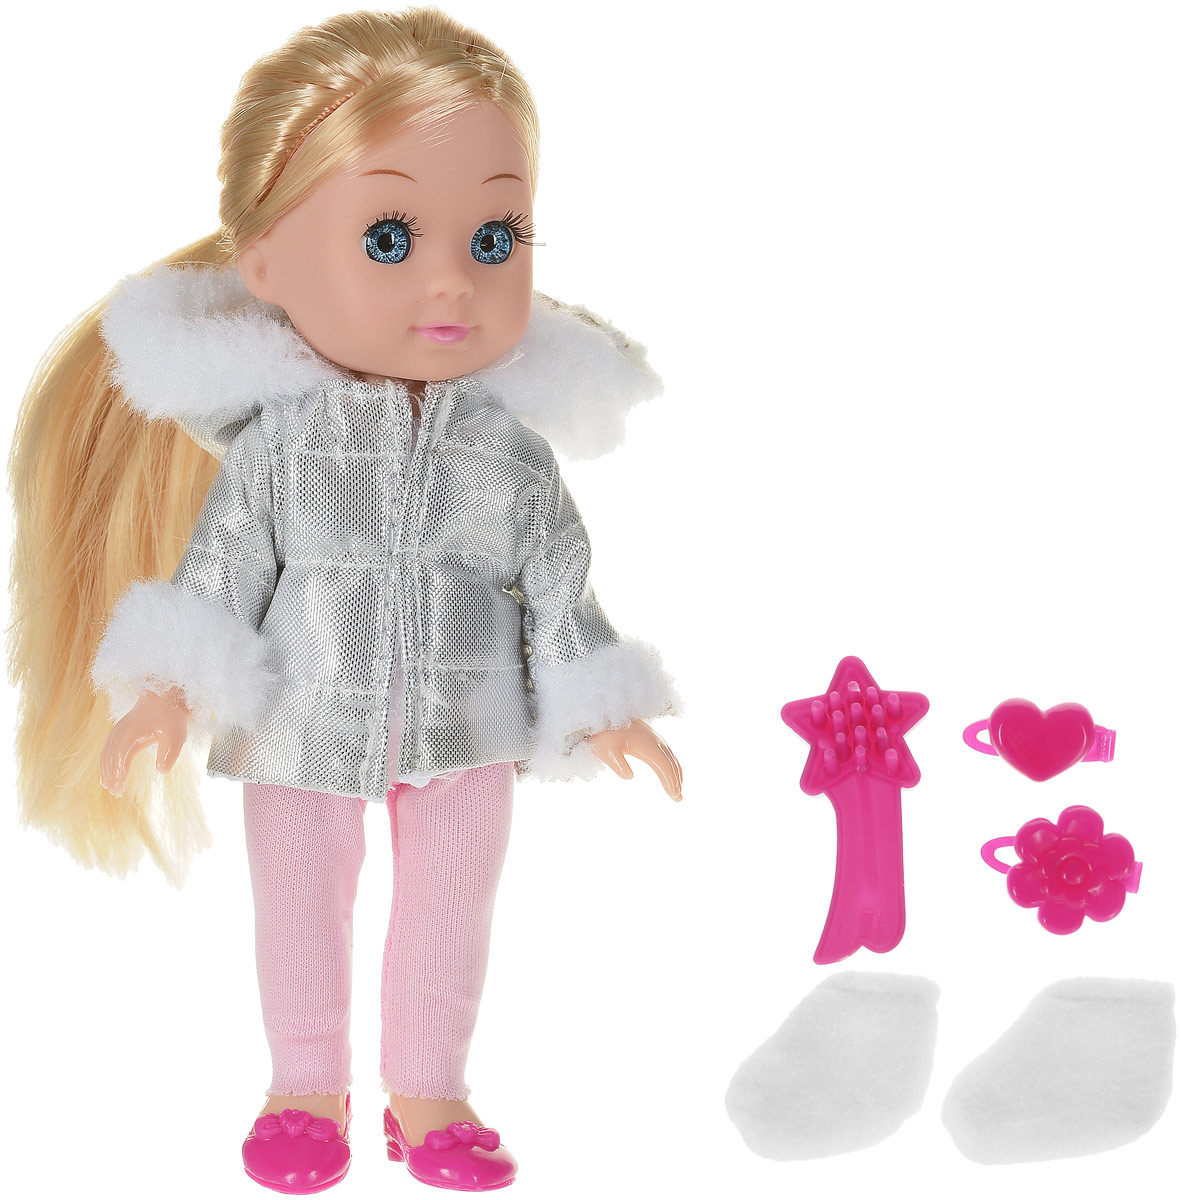 Карапуз Кукла озвученная Машенька в зимней одежде с аксессурами цвет серебристый розовый карапуз кукла рапунцель со светящимся амулетом 37 см со звуком принцессы дисней карапуз